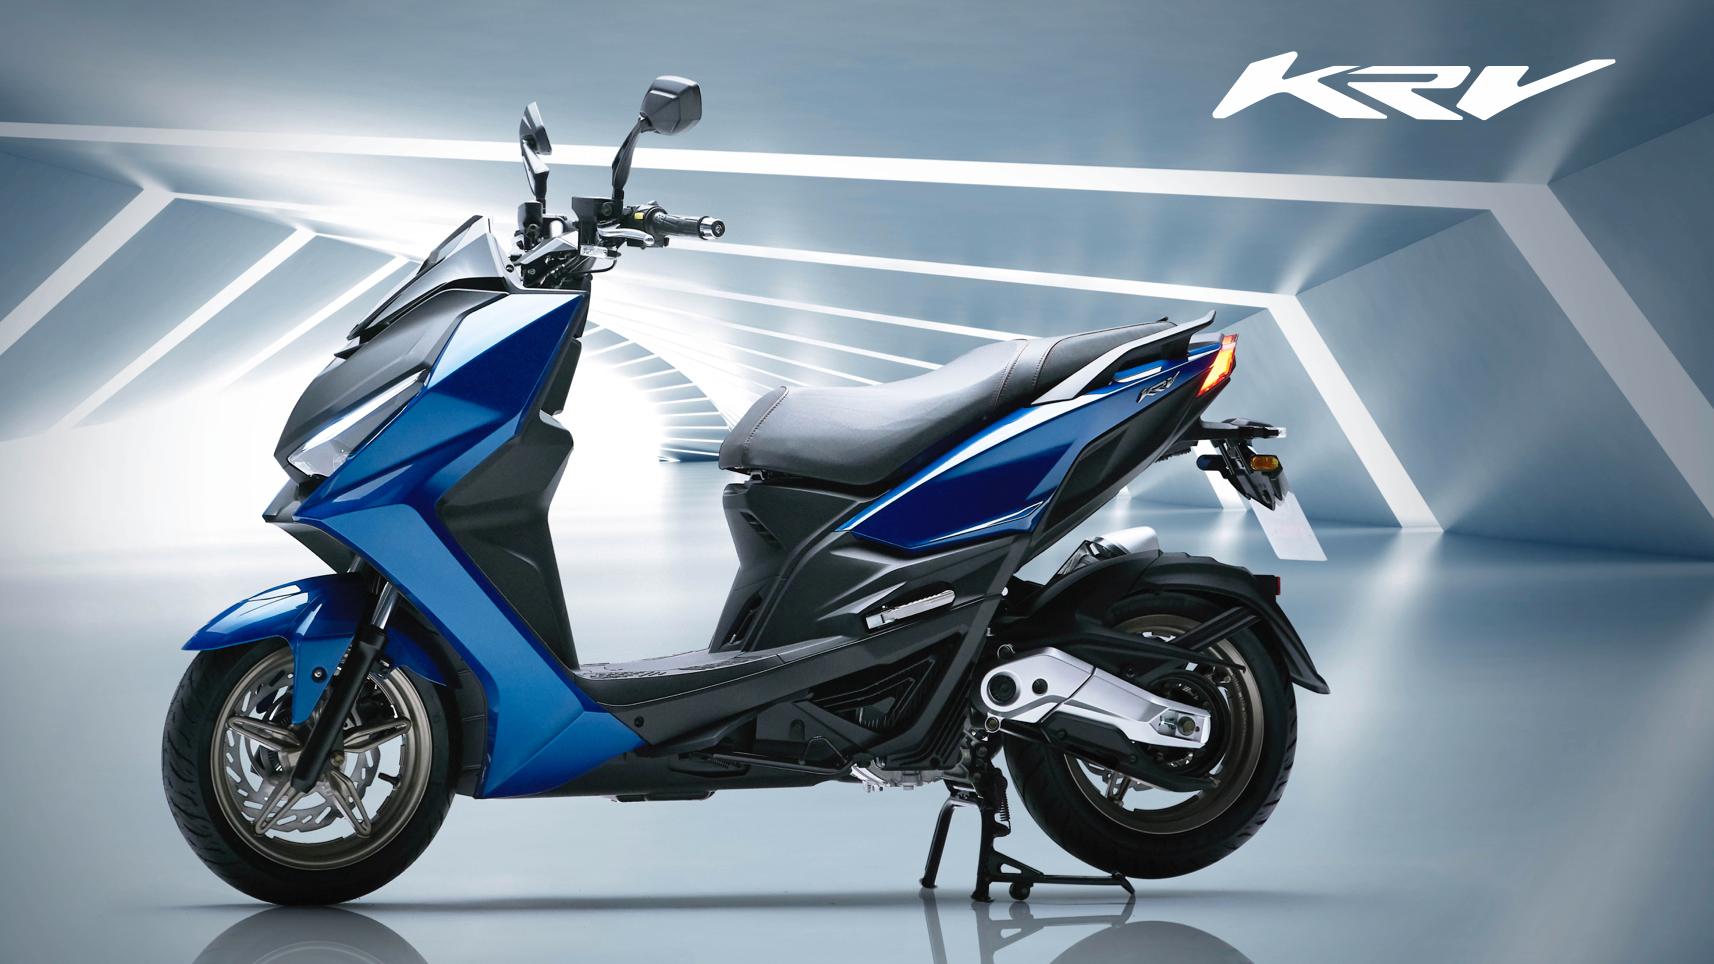 Kymco KRV 全新水冷雙車型 售價 112,800 元起